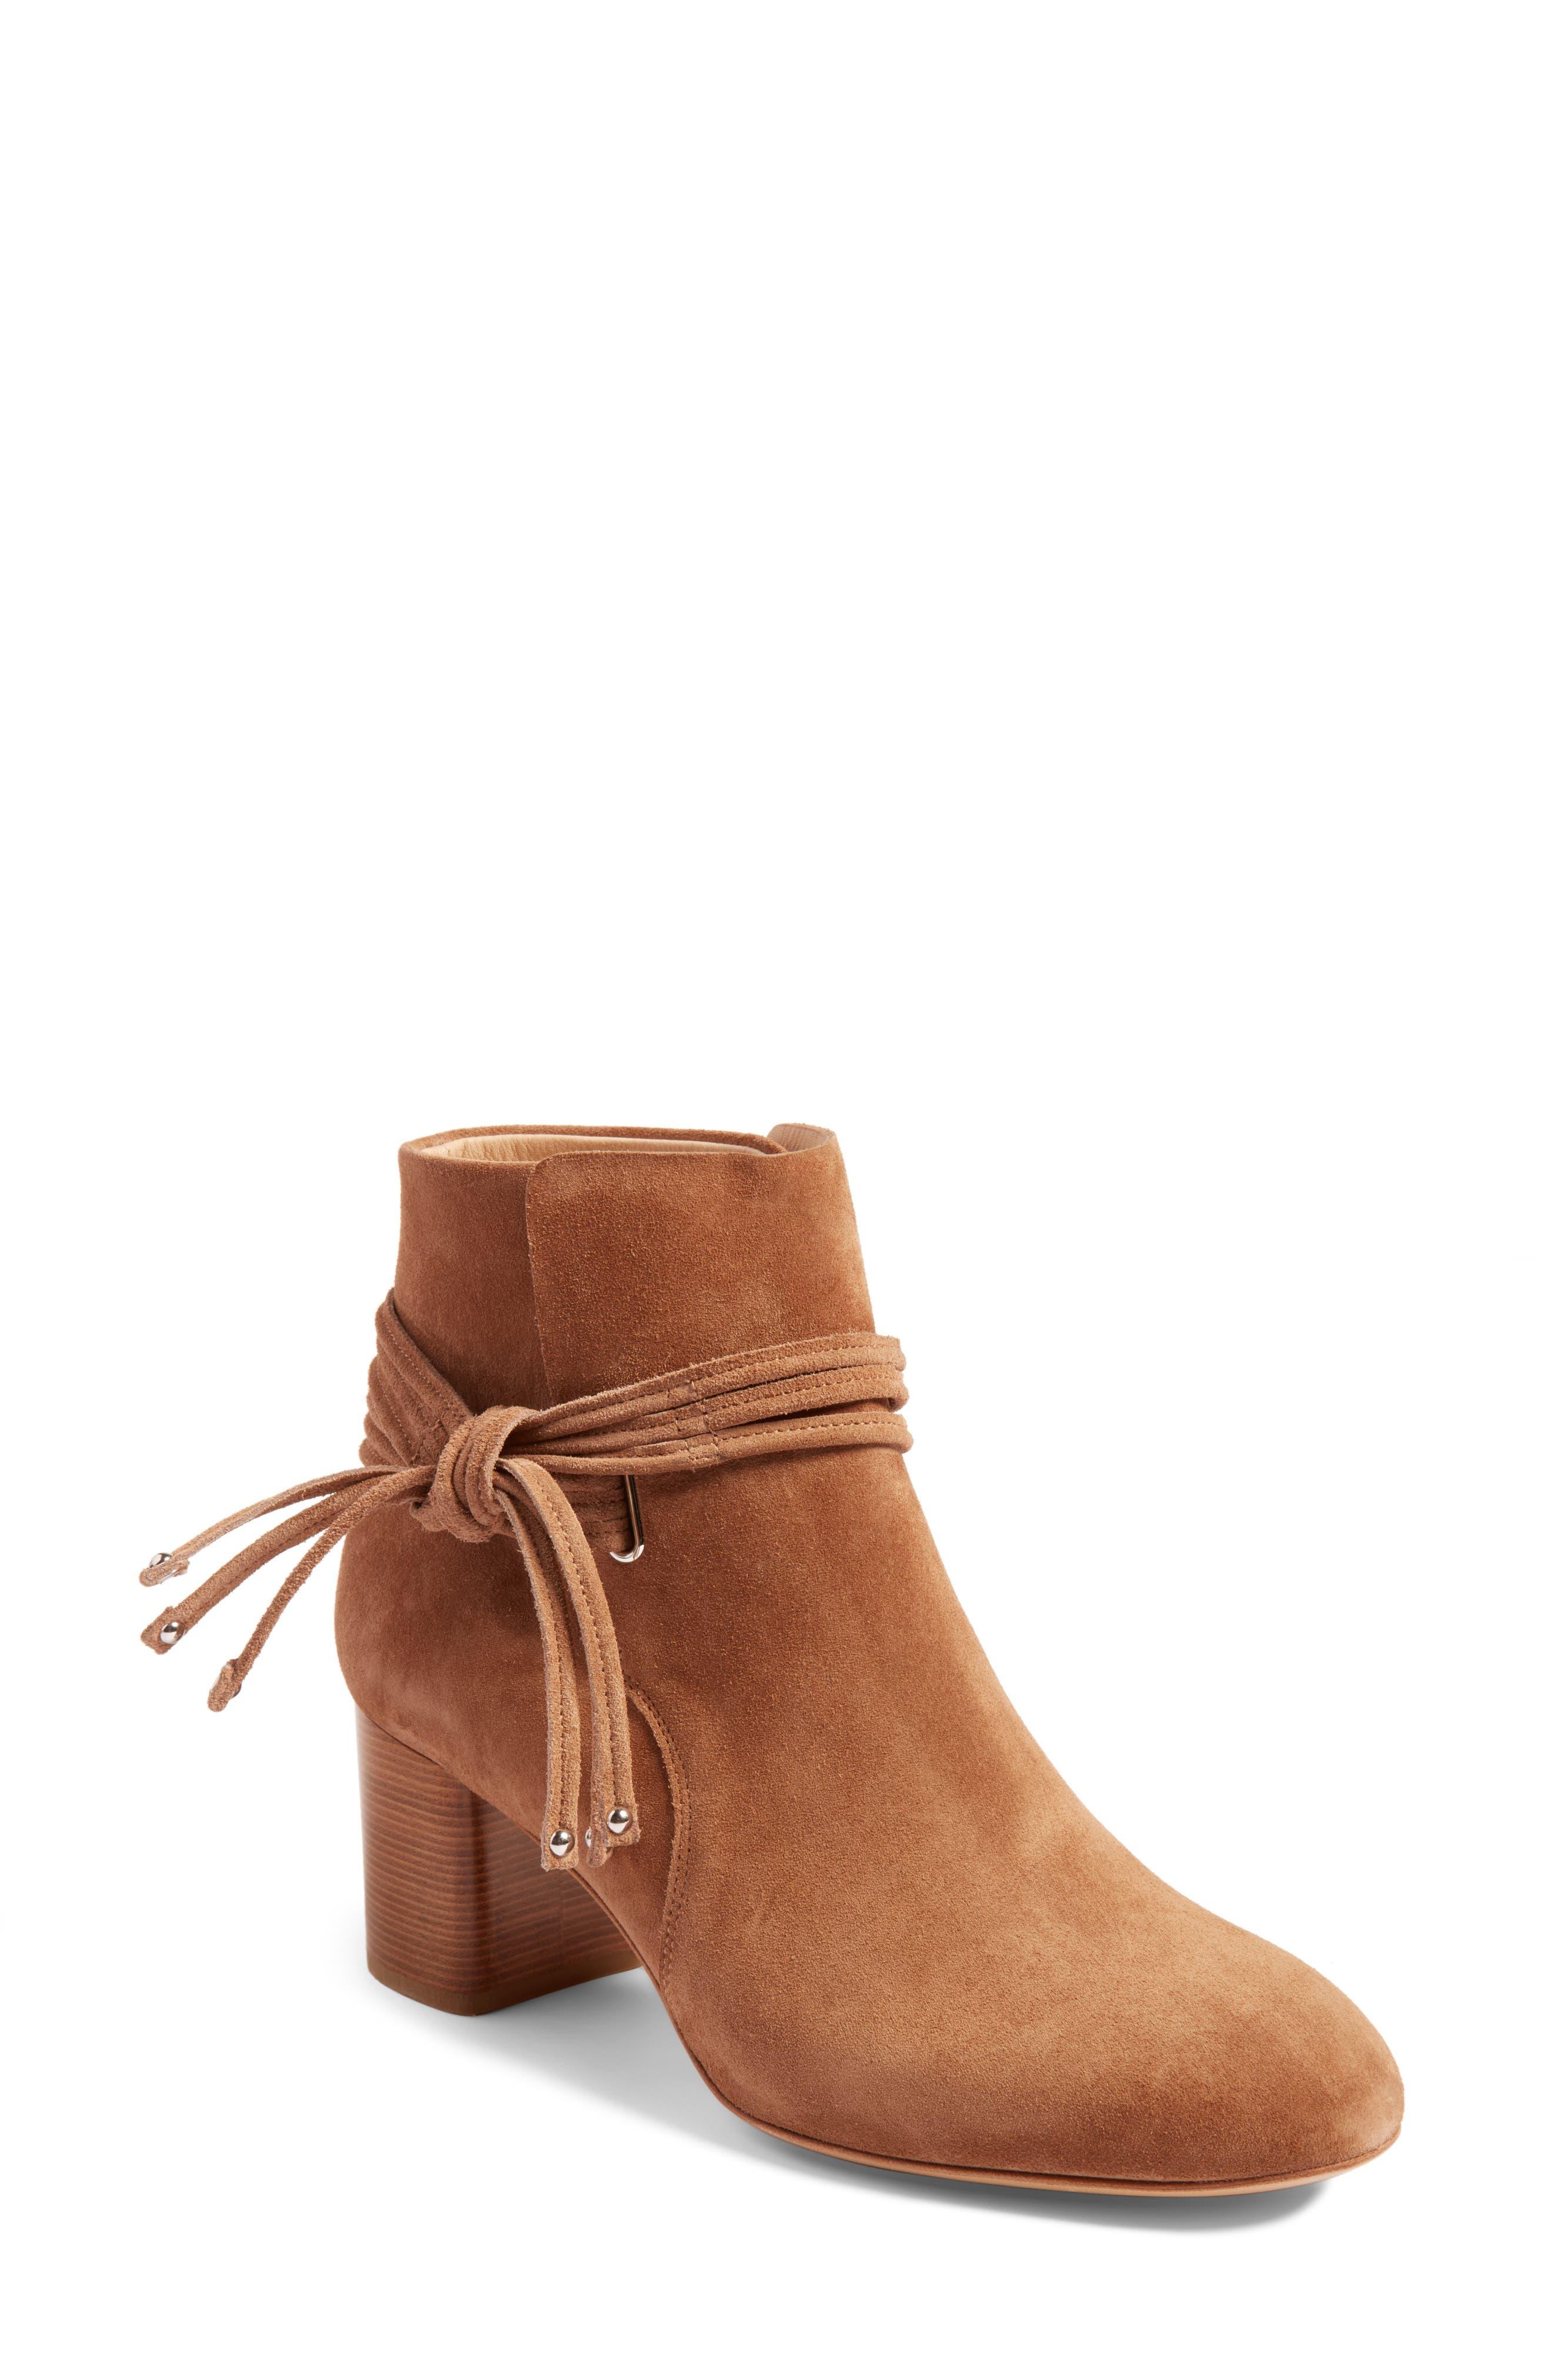 Dalia II Tie-Strap Bootie,                         Main,                         color, Camel Suede